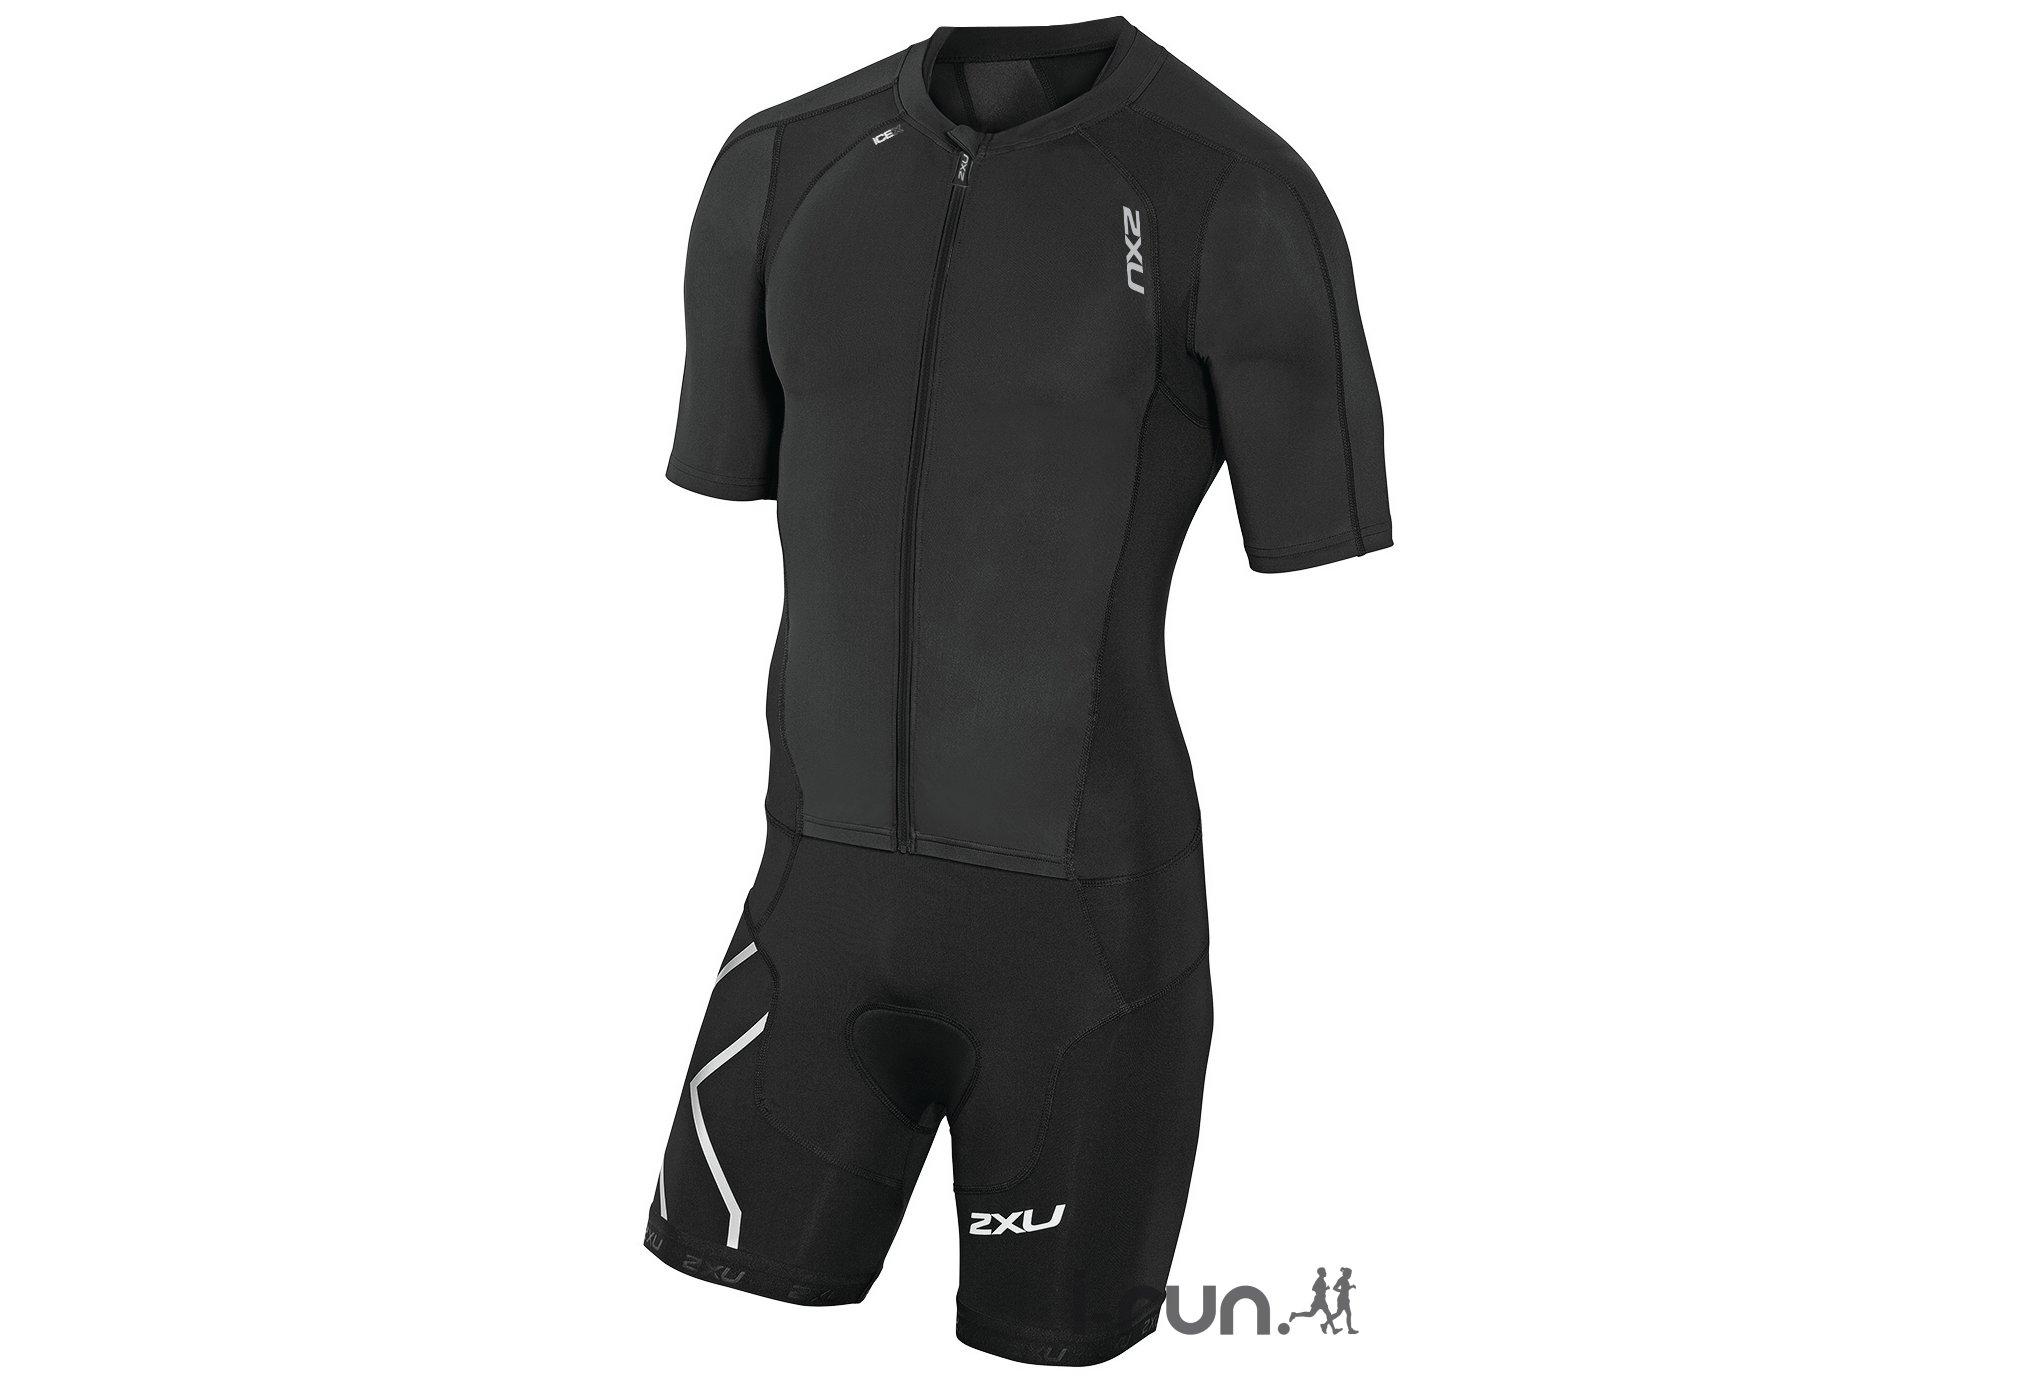 2xu Combinaison perform compression trisuit m vêtement running homme